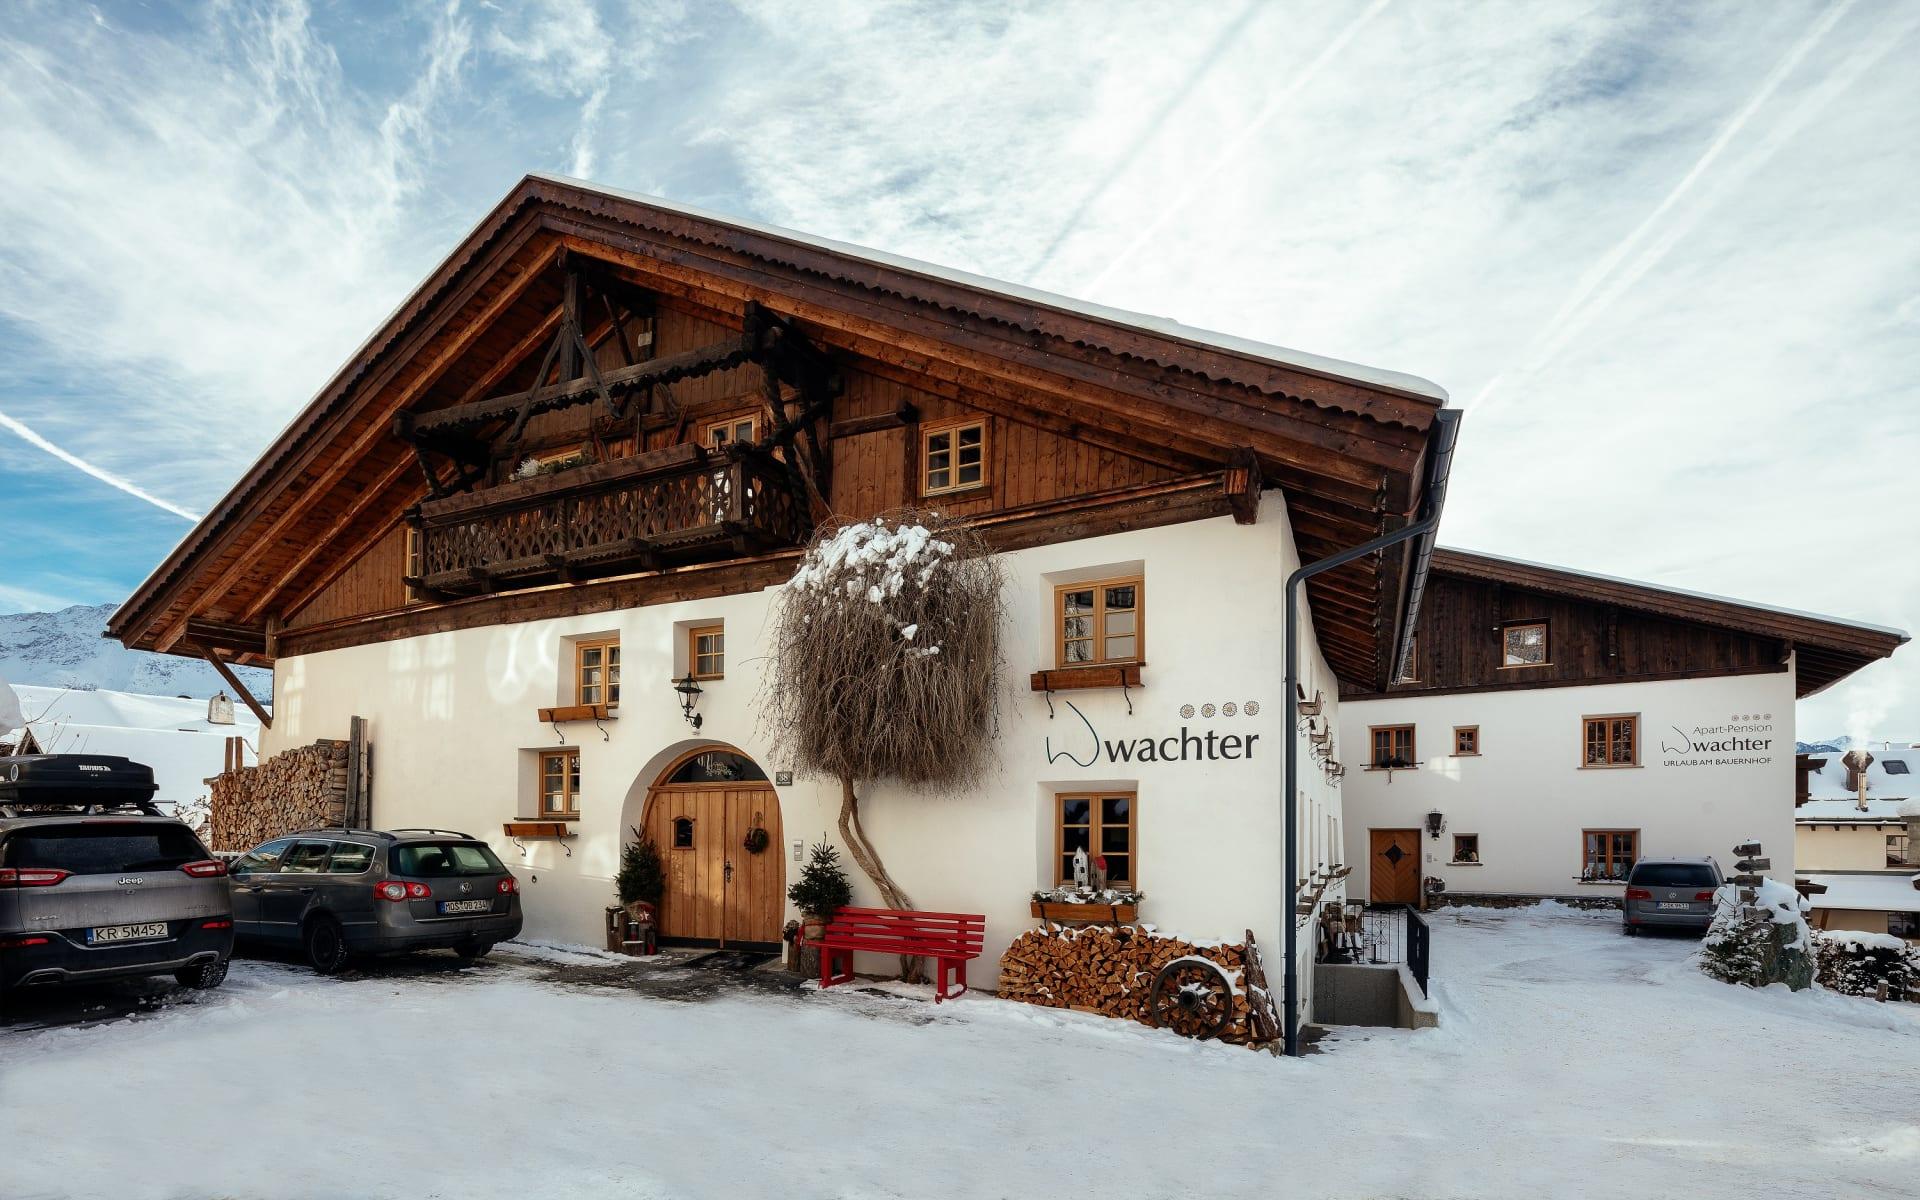 Hofbild Bauernhof Wachter